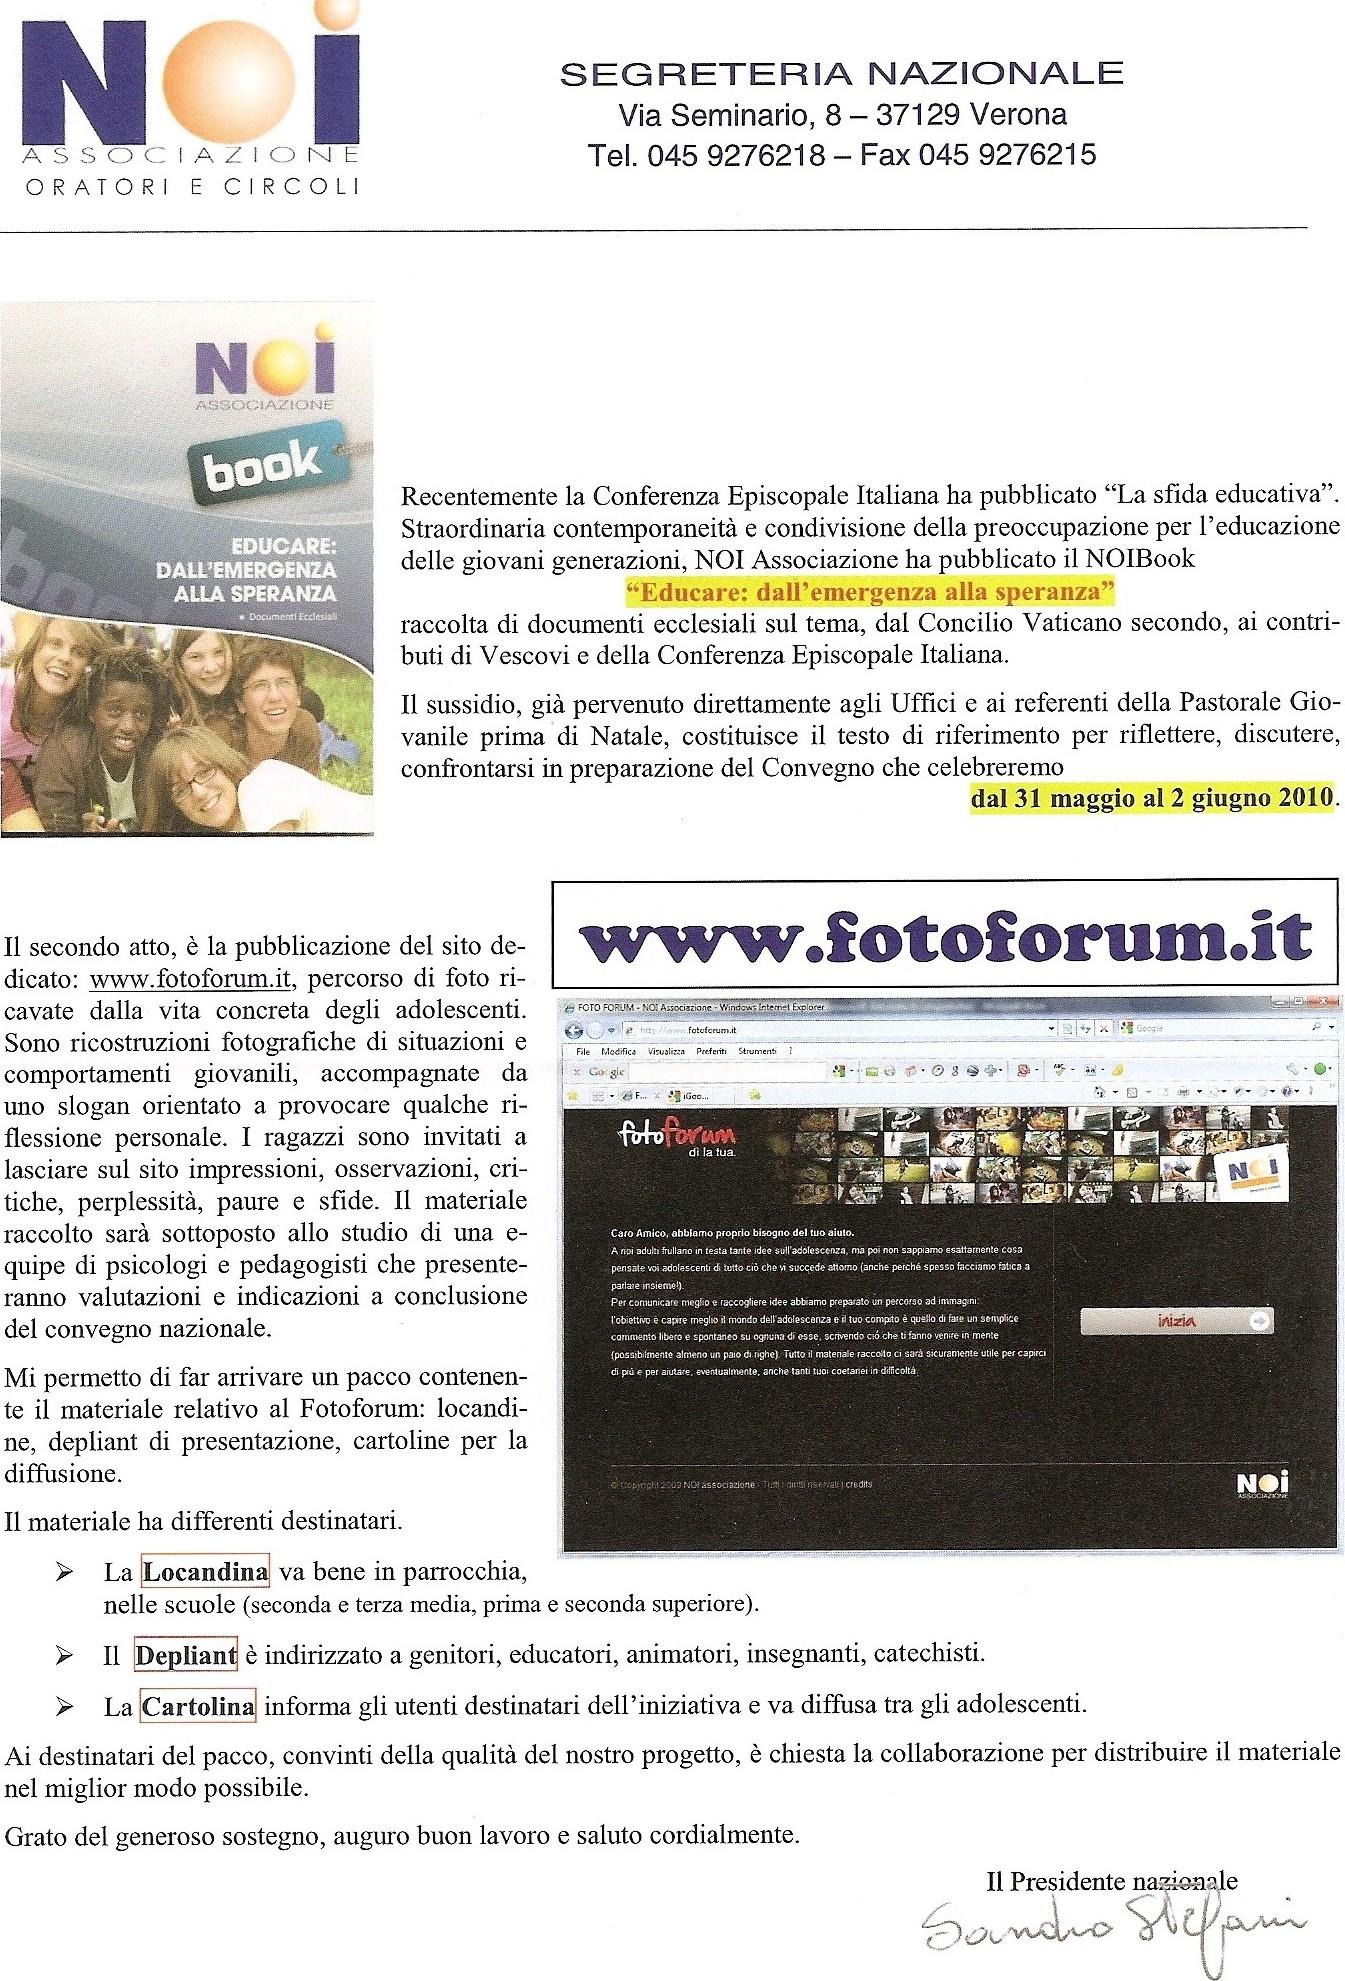 lettera-foto-forum